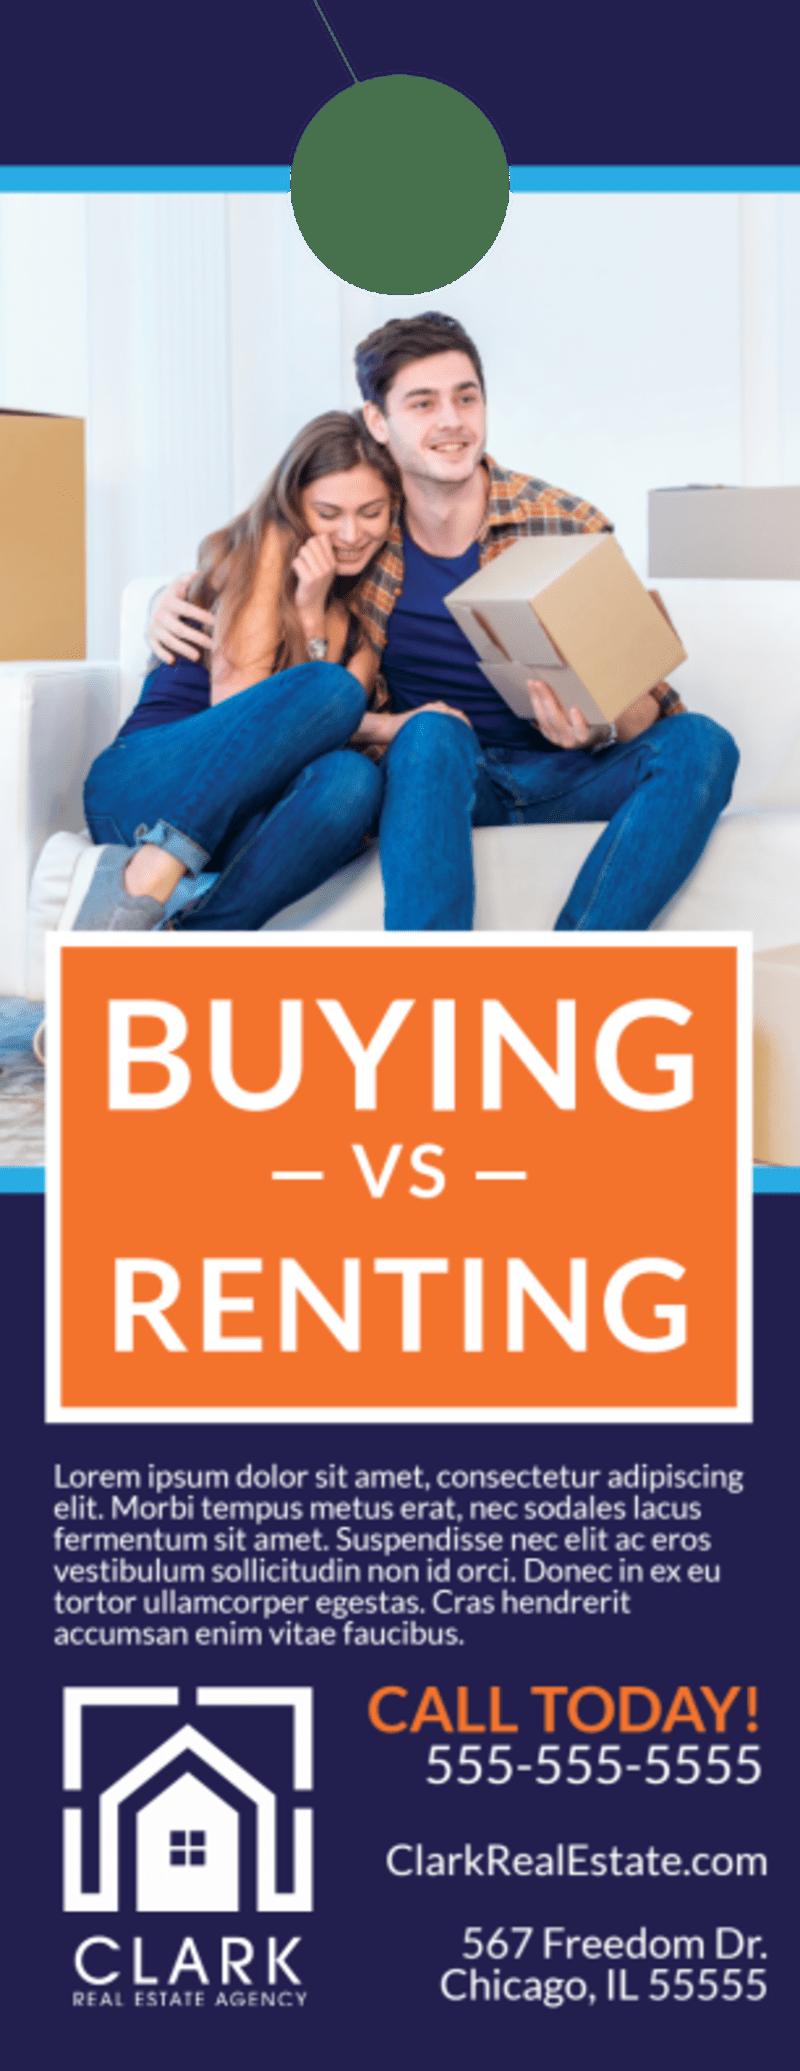 Buying Vs Renting Door Hanger Template Preview 2